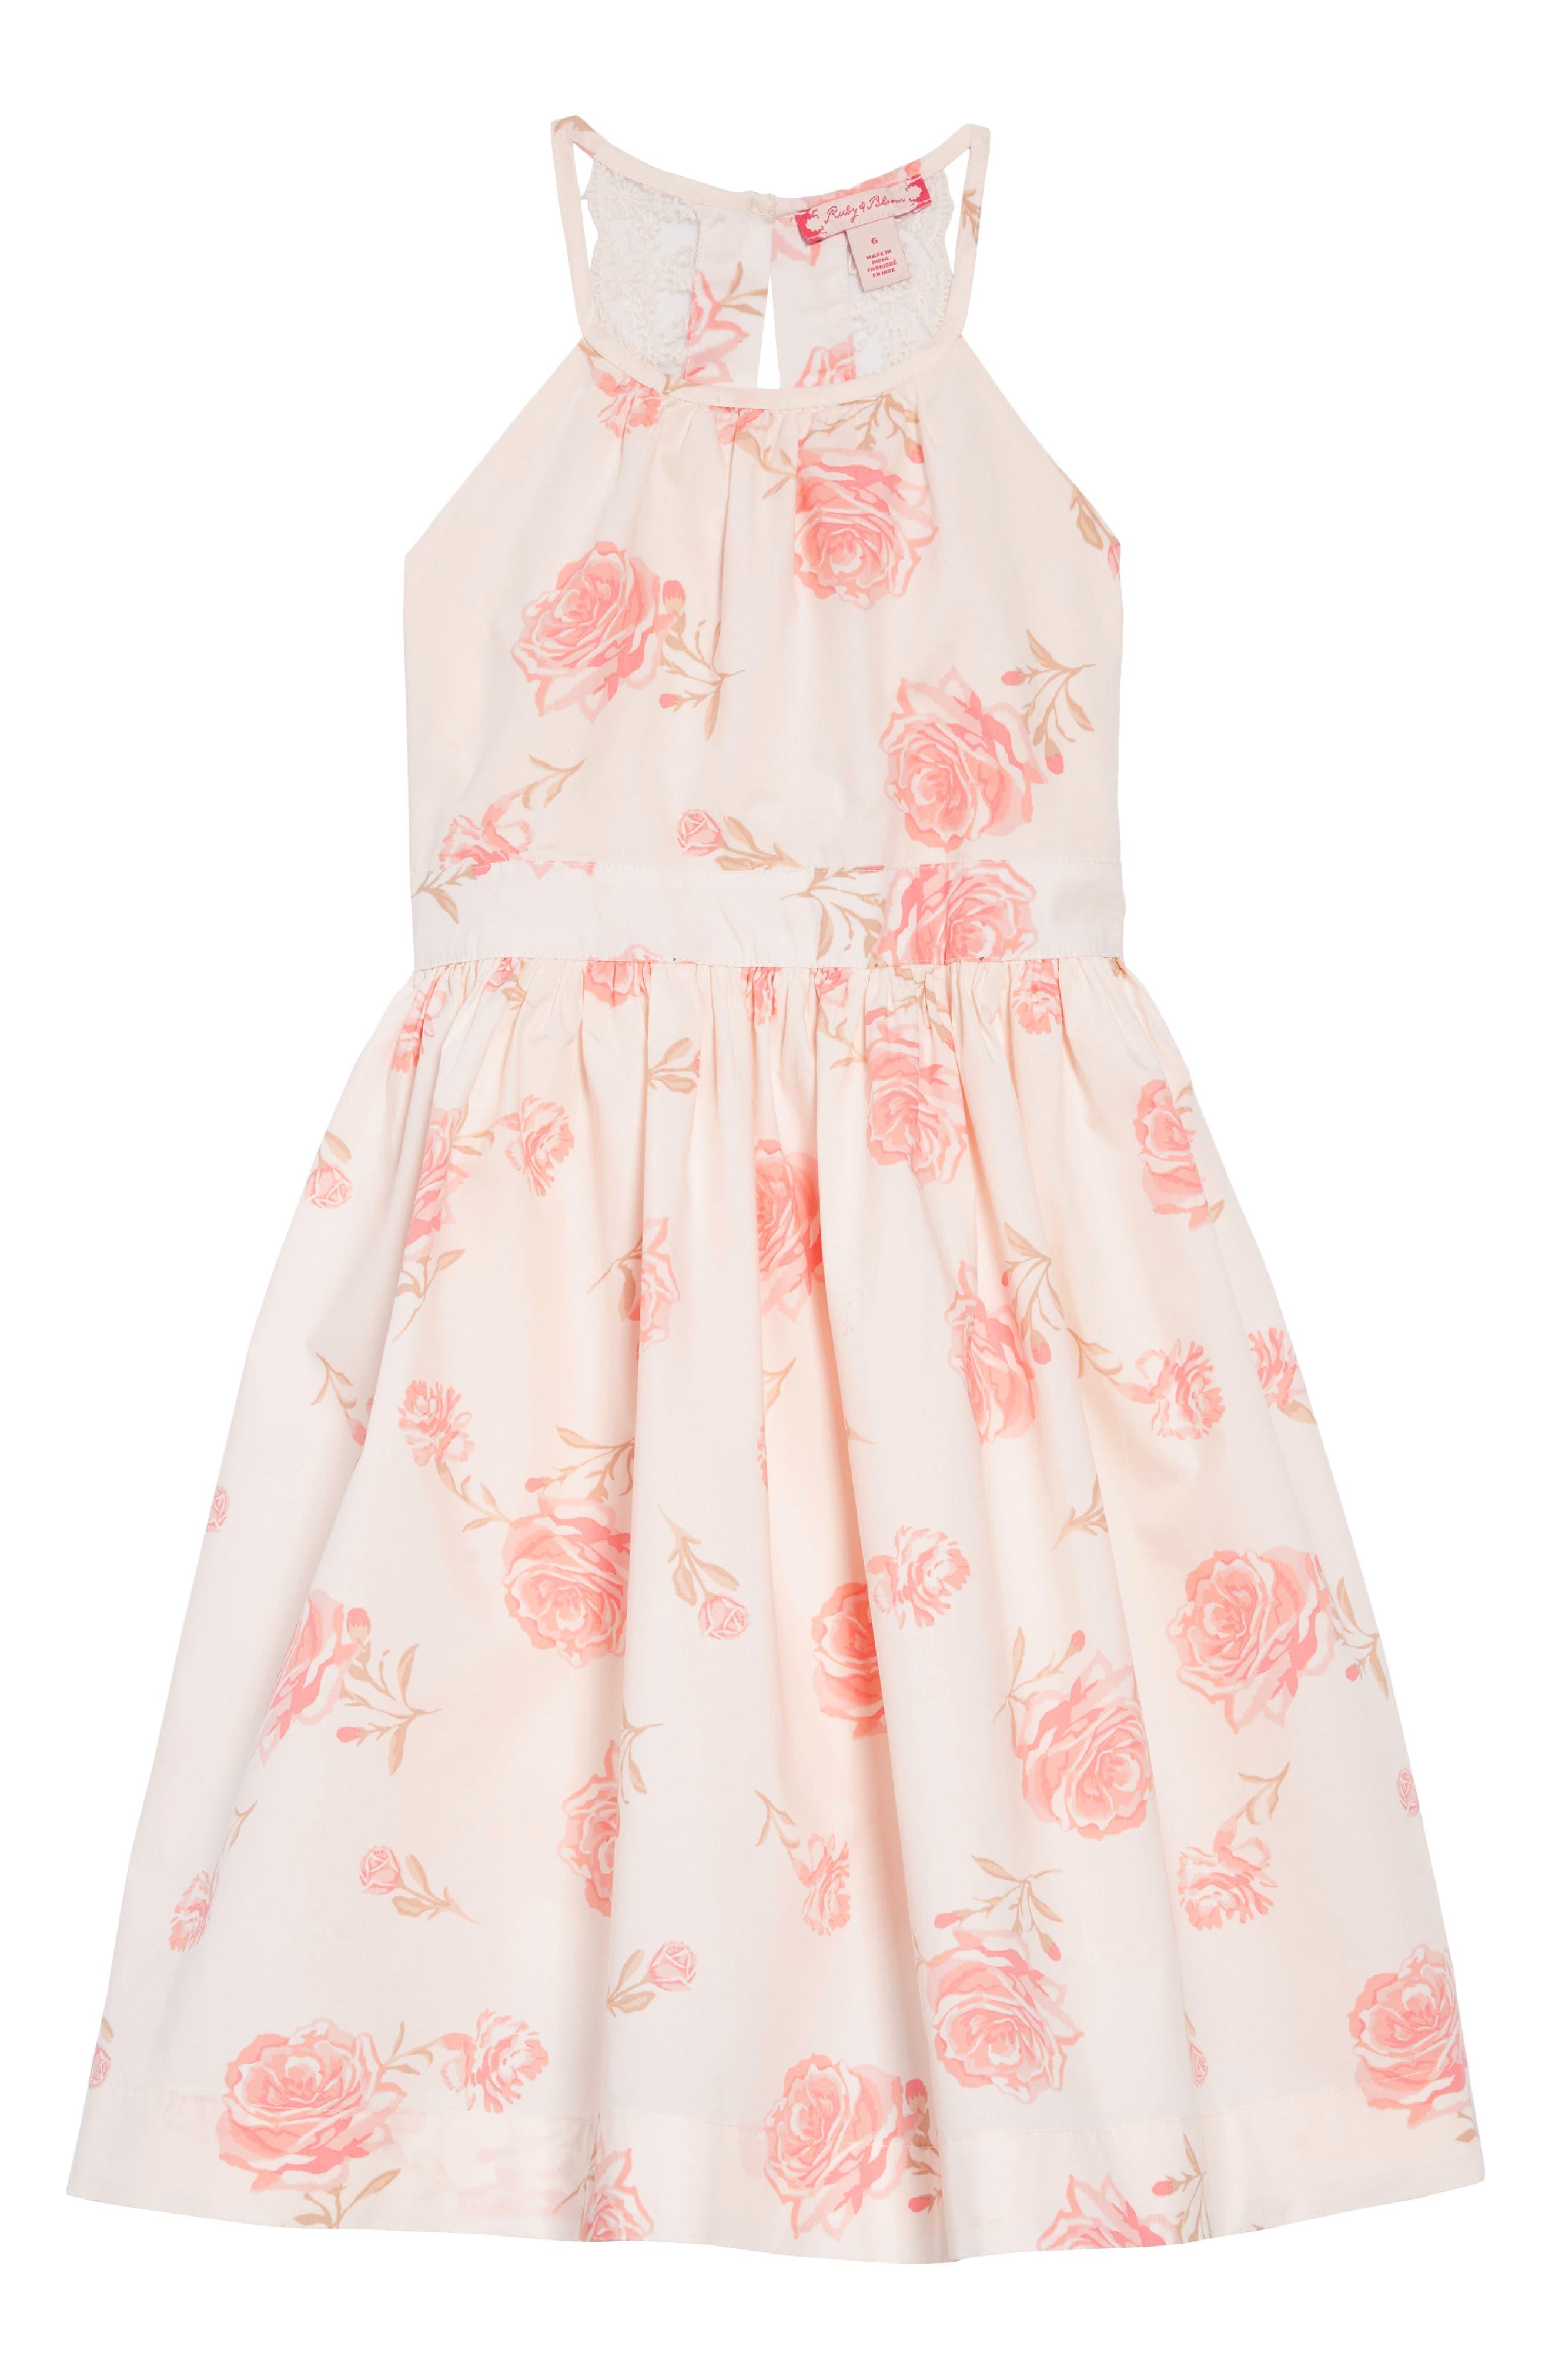 RUBY & BLOOM Lovely Lace Dress, Main, color, IVORY EGRET ELEGANT FLORAL